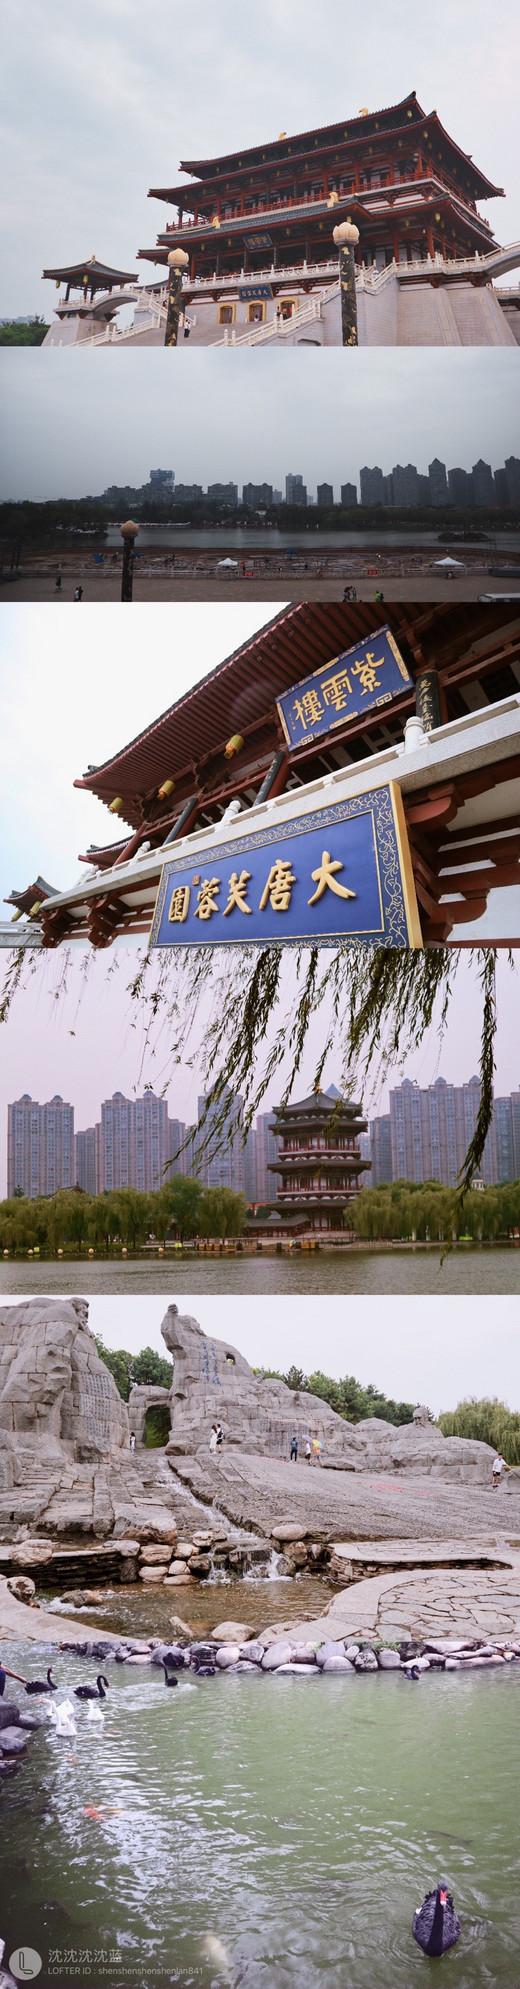 四天玩转西安城 感受周秦历史 汉唐风韵-陕西历史博物馆,大唐芙蓉园,大雁塔,永兴坊